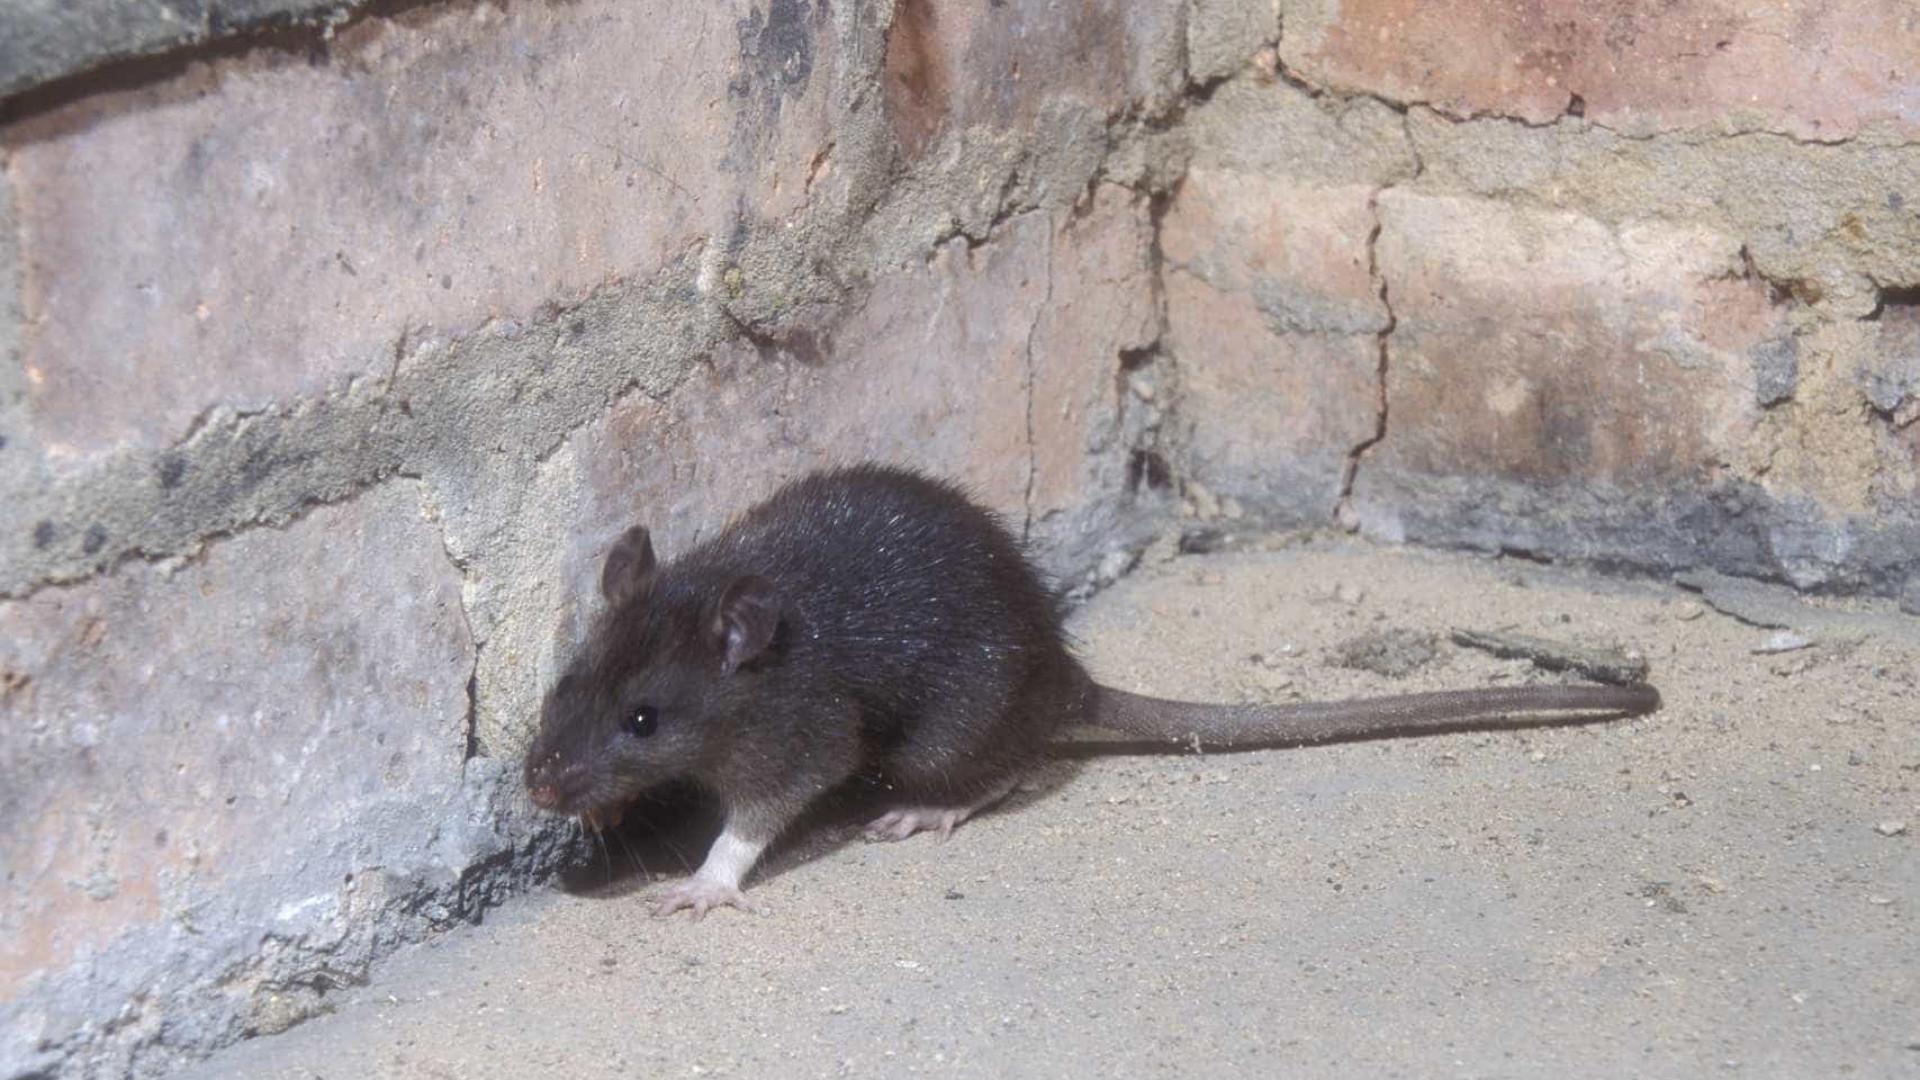 neste bairro chique de paris os ratos são tantos quanto os residentes